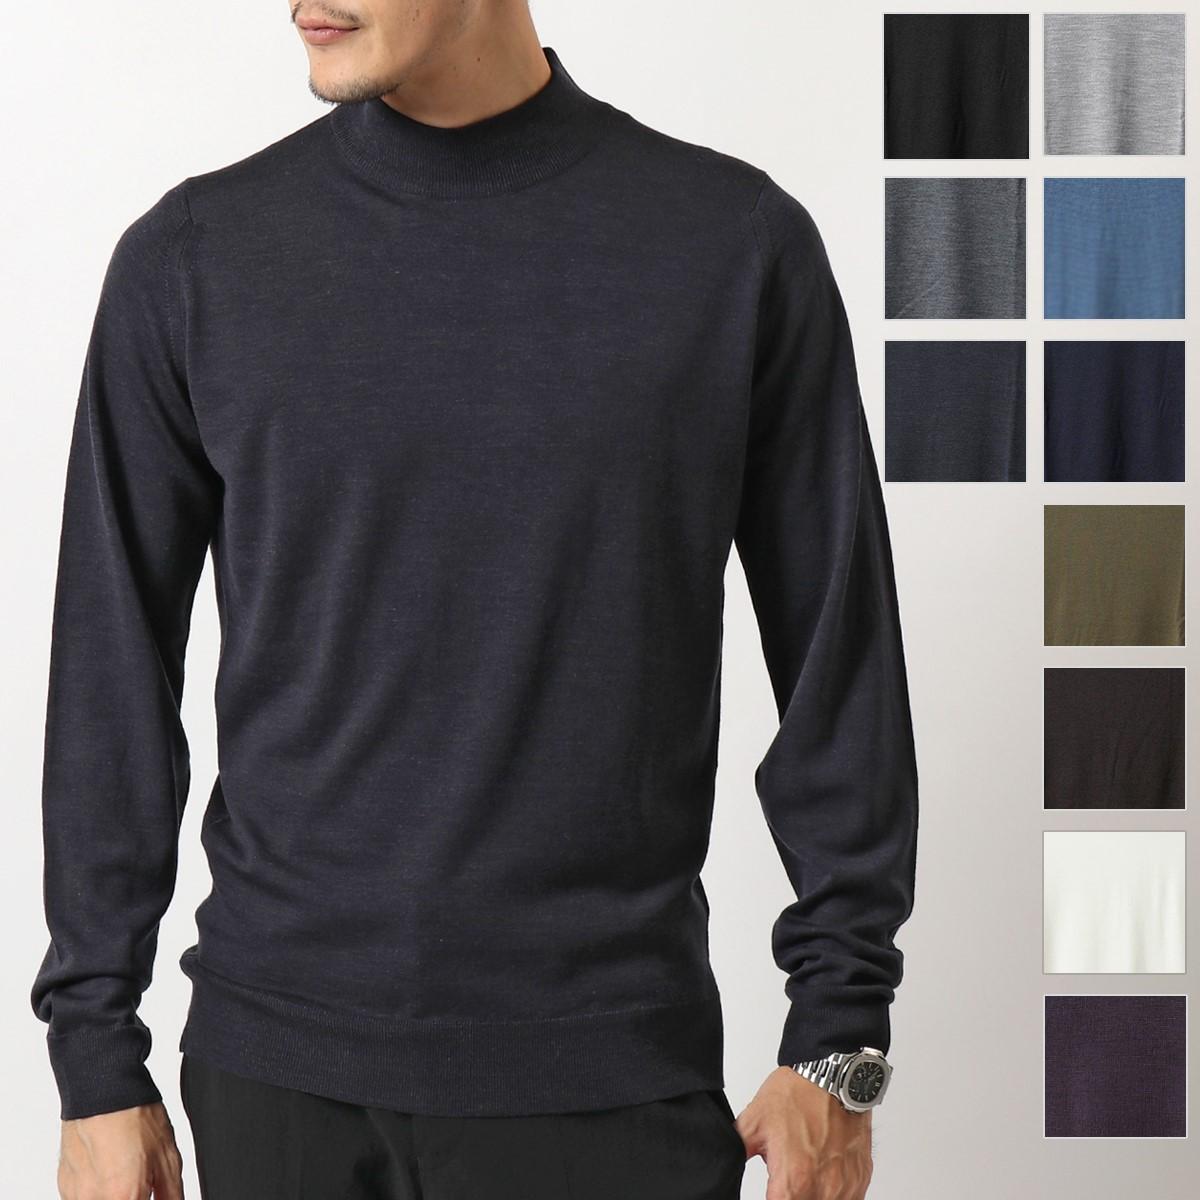 JOHN SMEDLEY ジョンスメドレー HARCOURT ハーコート STANDARD FIT メリノウール モックネック ニット セーター カラー8色 メンズ